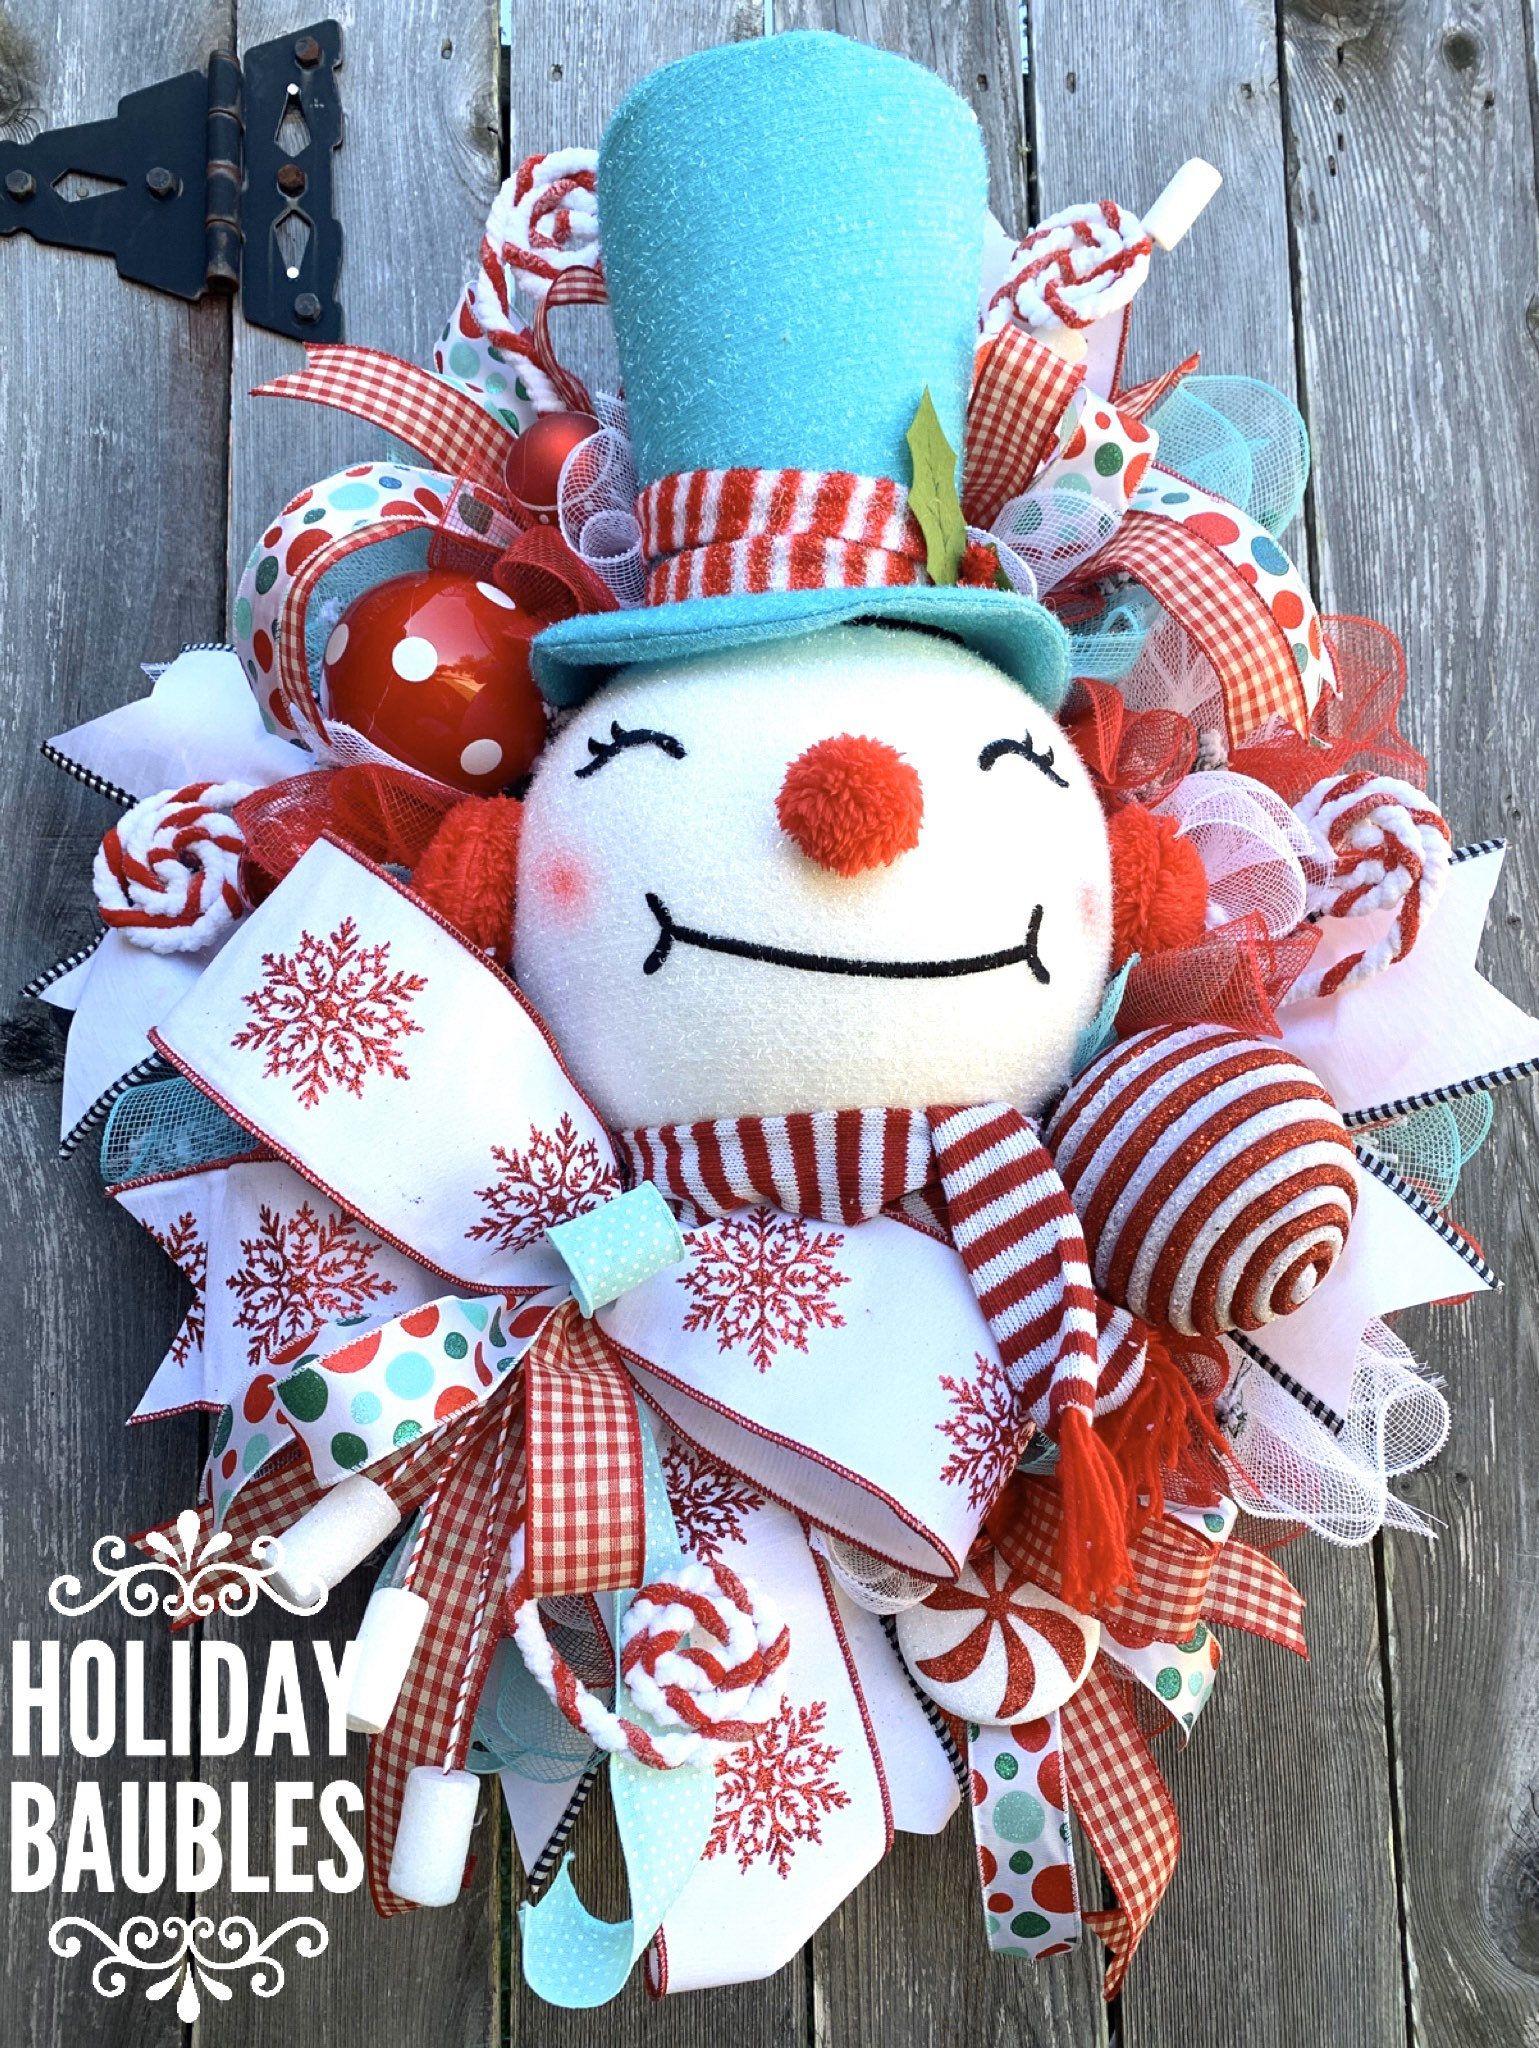 Snowman Wreath, Christmas Wreath, Whimsical Christmas Wreath, Snowman Wreaths, Whimsical Snowman Wreath #doubledoorwreaths